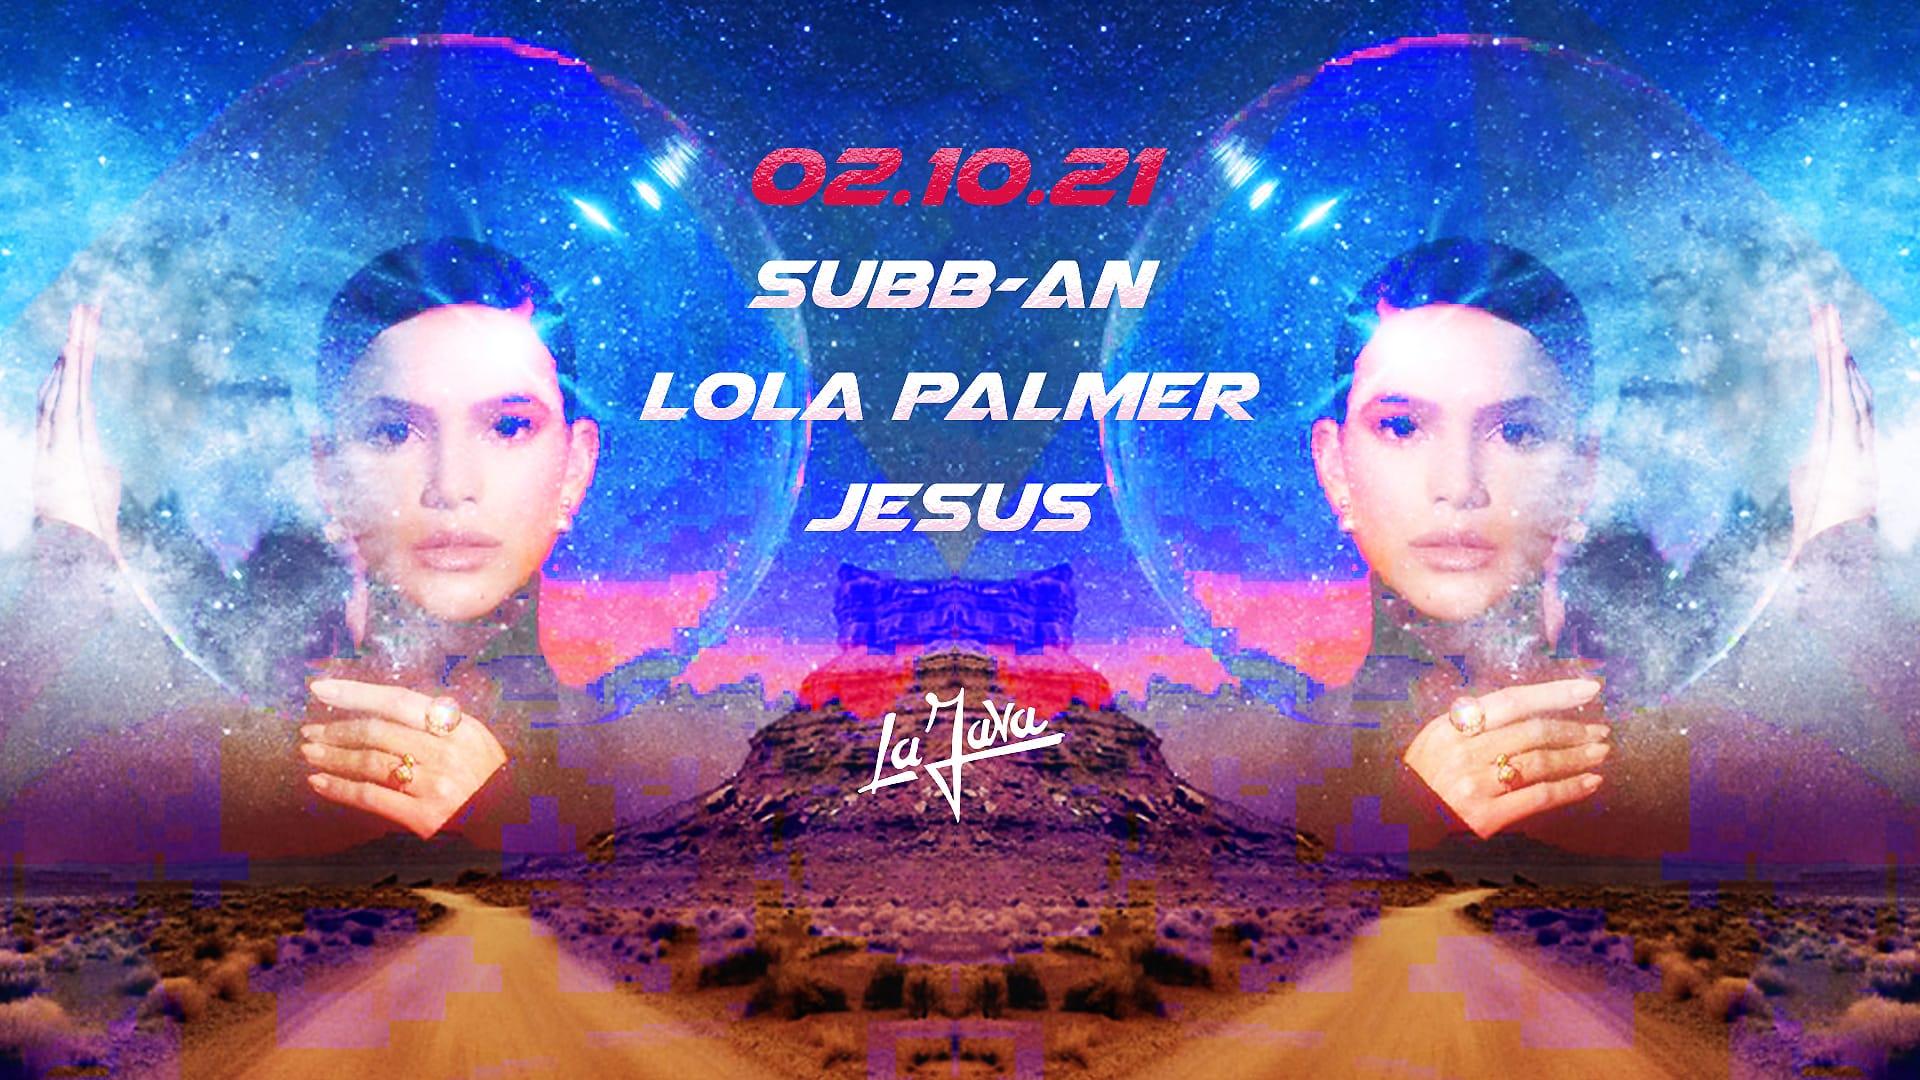 LA JAVA : Lola Palmer / Subb-an / Jesus